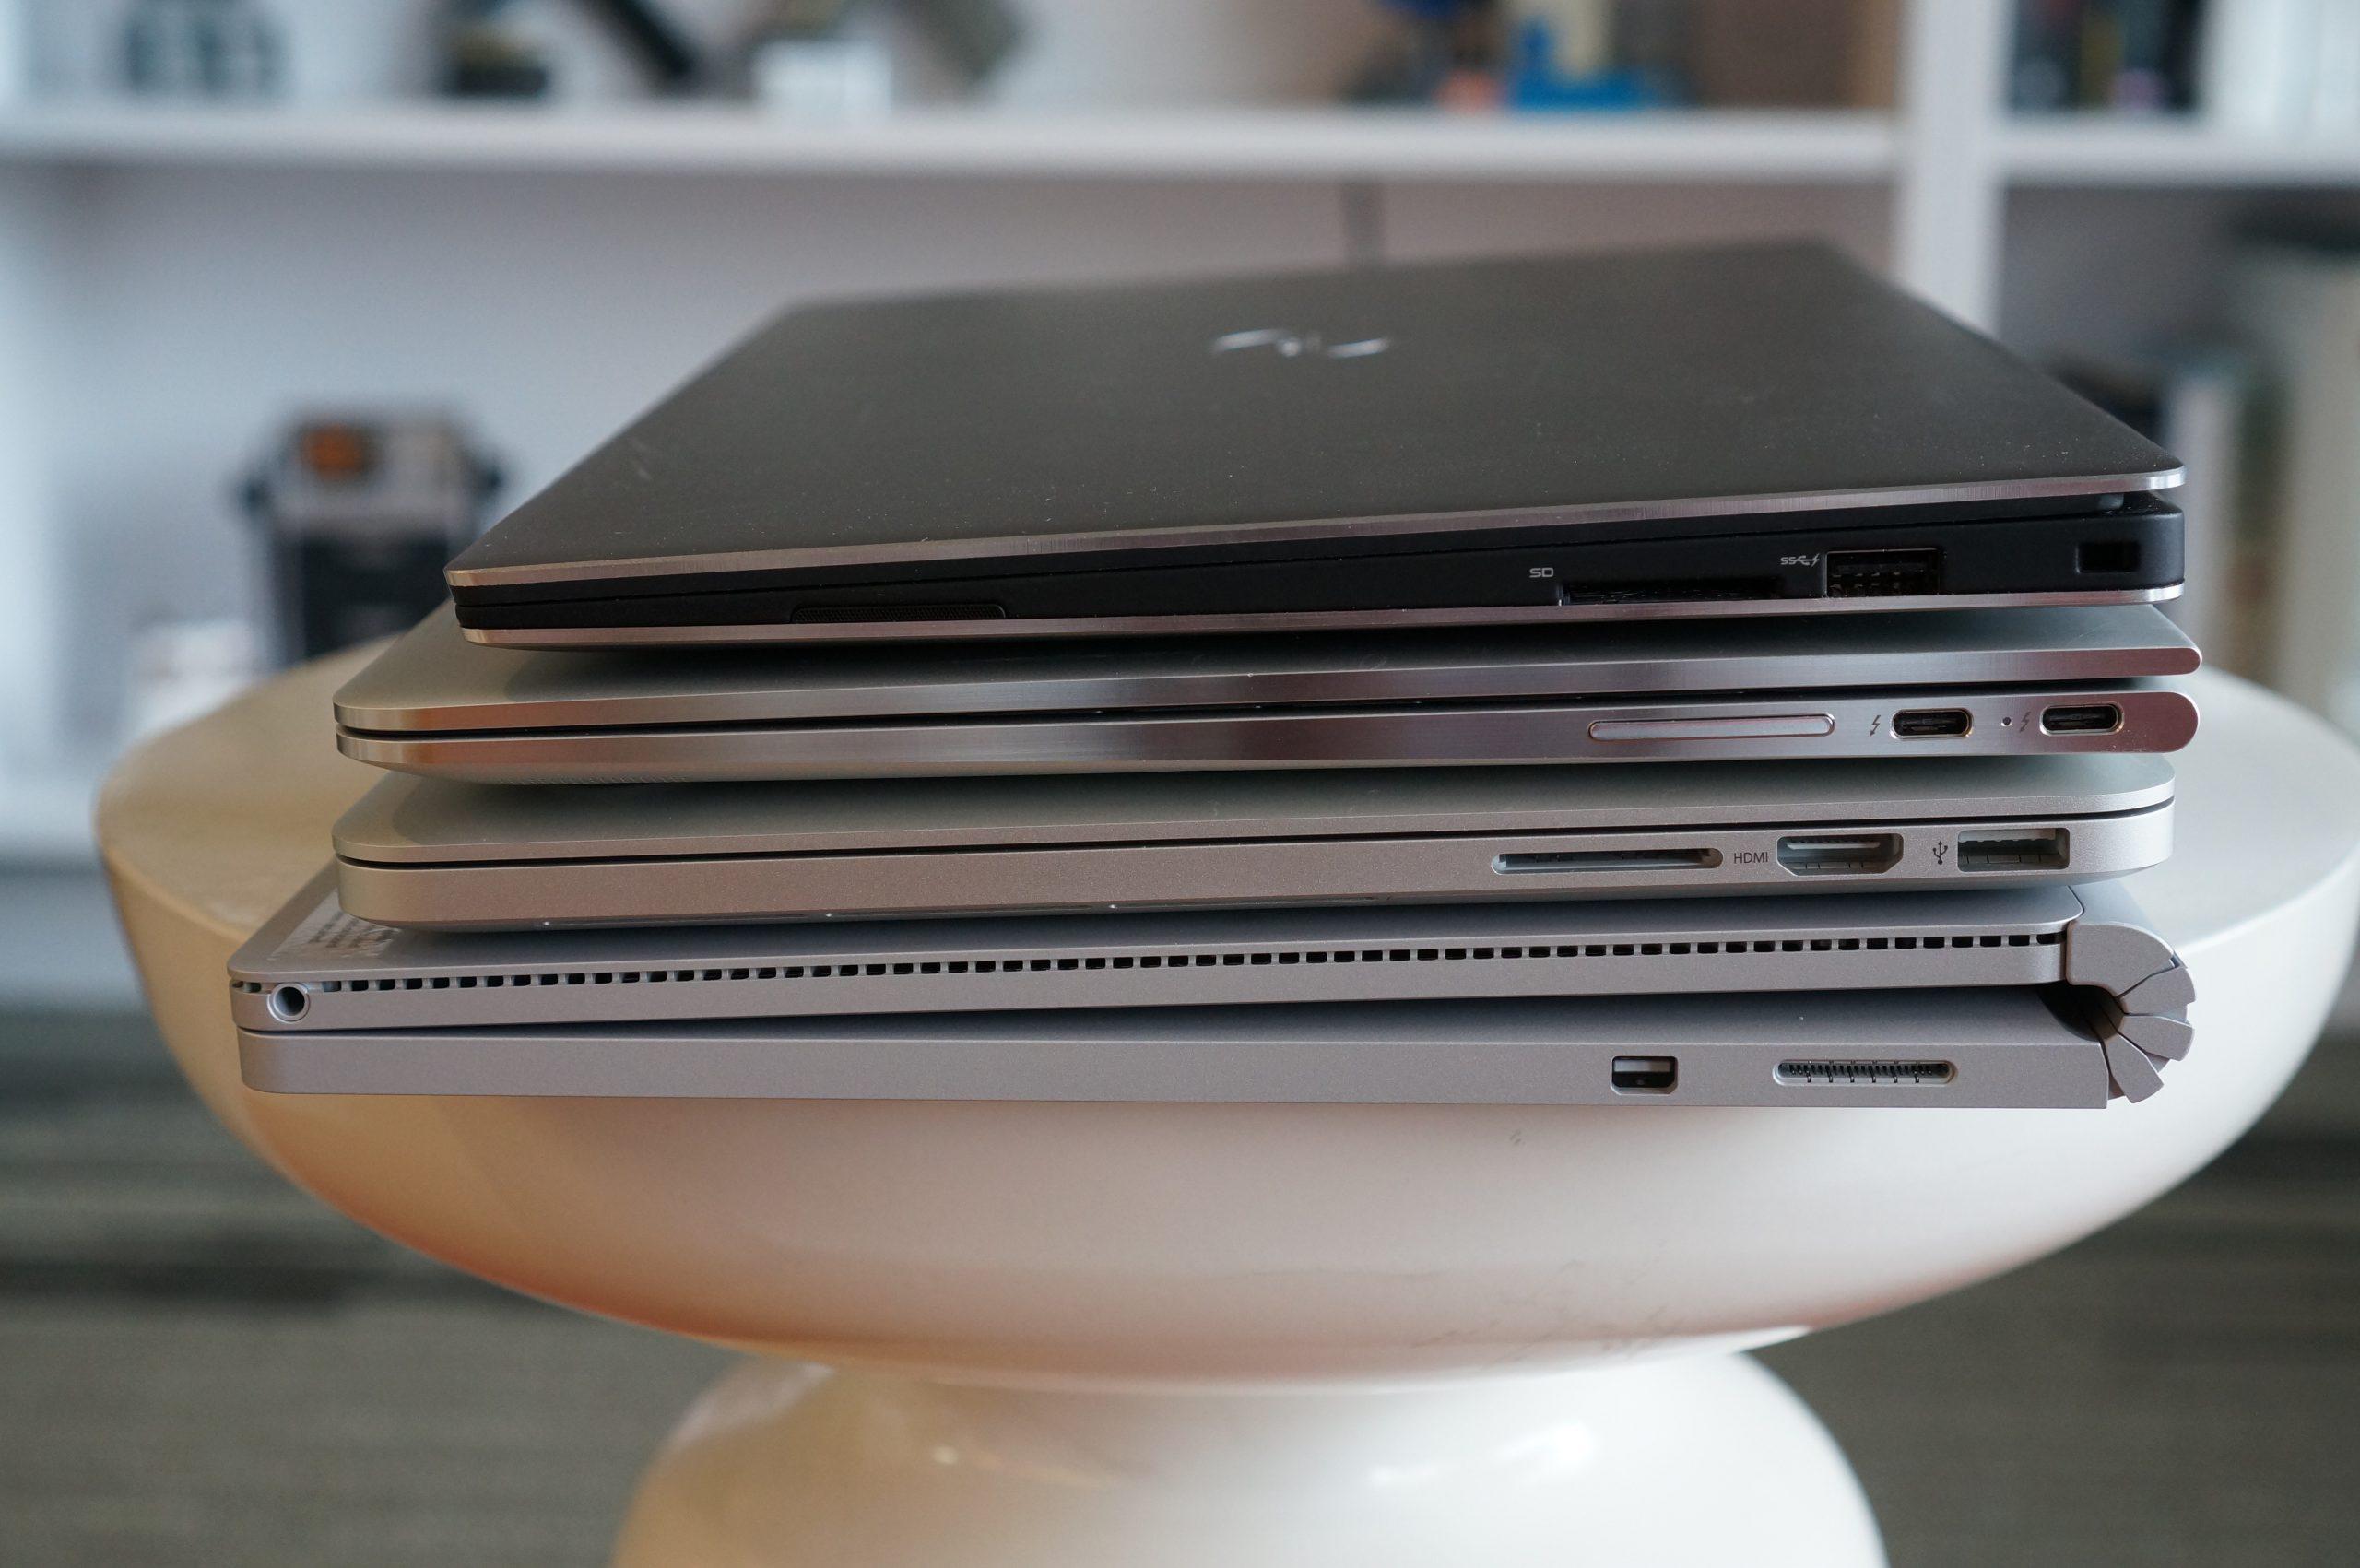 Обзор Microsoft Surface Book i7: Уникальный, производительный и невероятно автономный